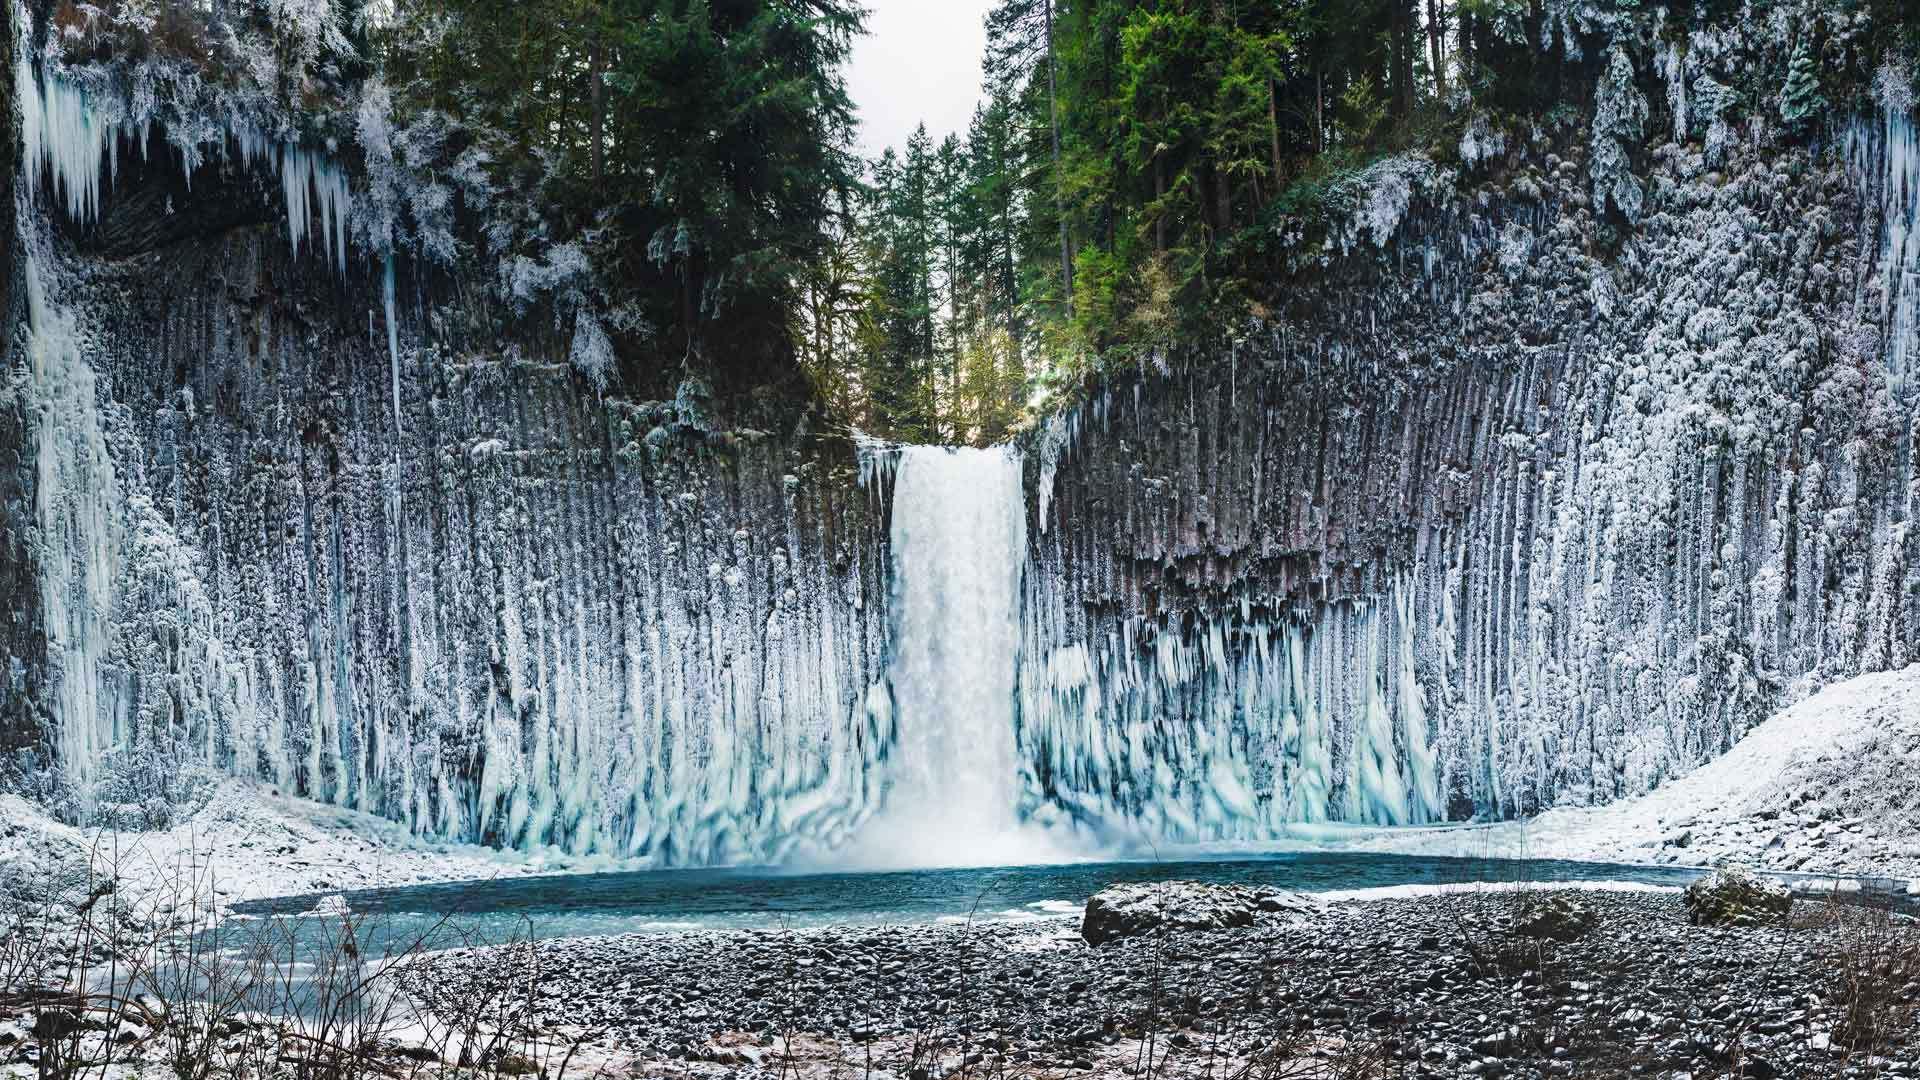 巨大的冰柱悬挂在Abiqua瀑布周围的玄武岩石墙上Abiqua瀑布